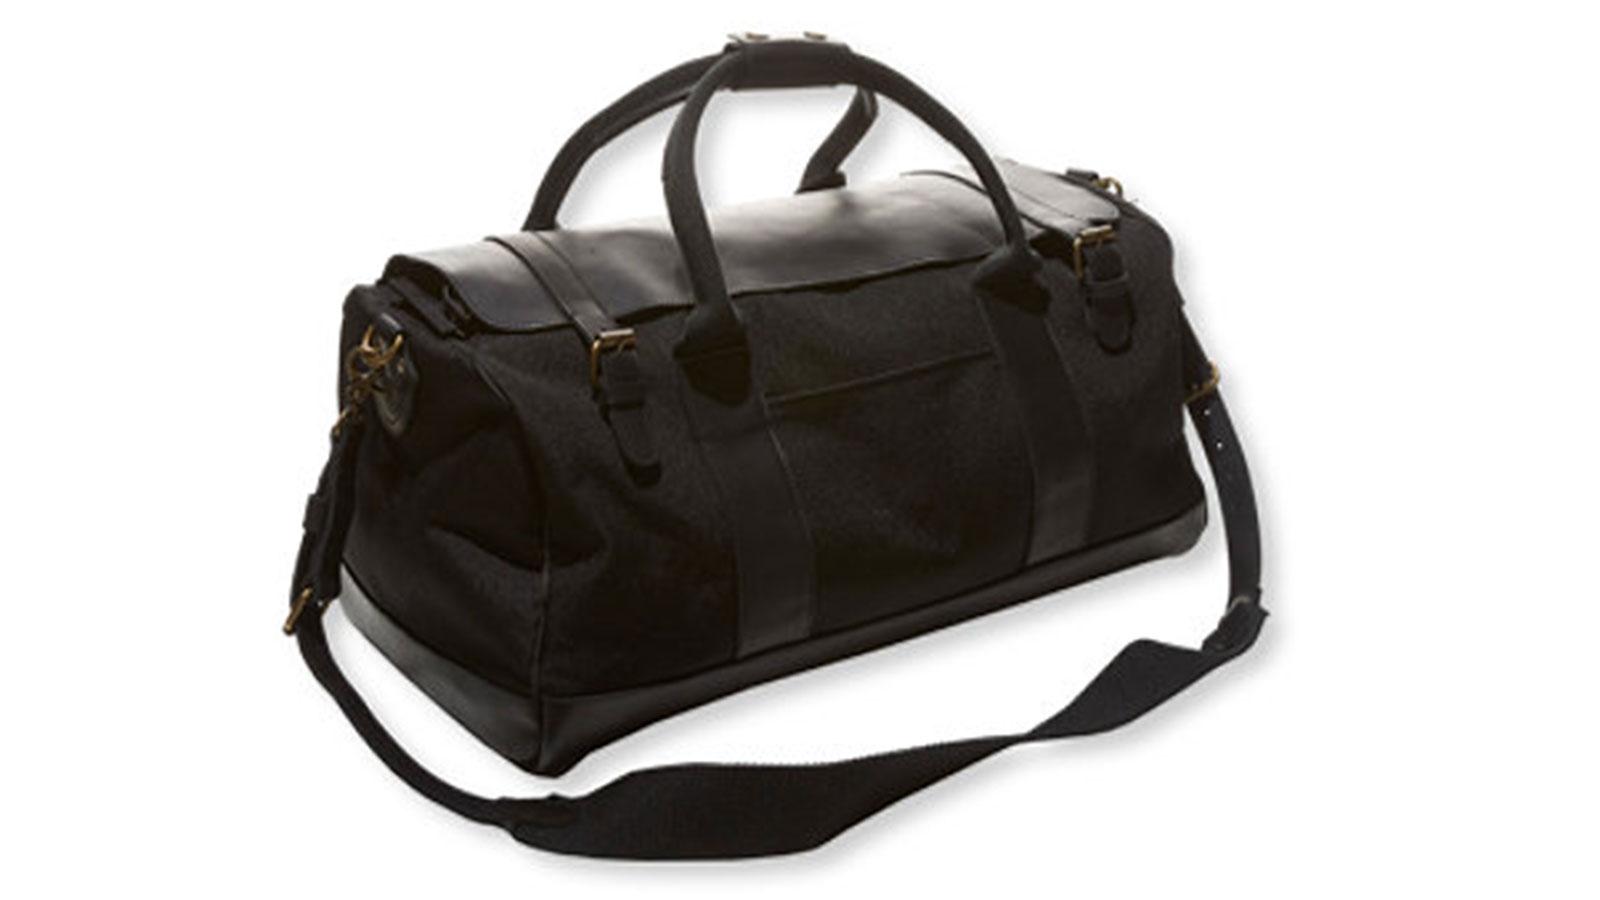 Cool Duffle Bags | Mens Travel Duffle Bag | Weekender Bag for Men